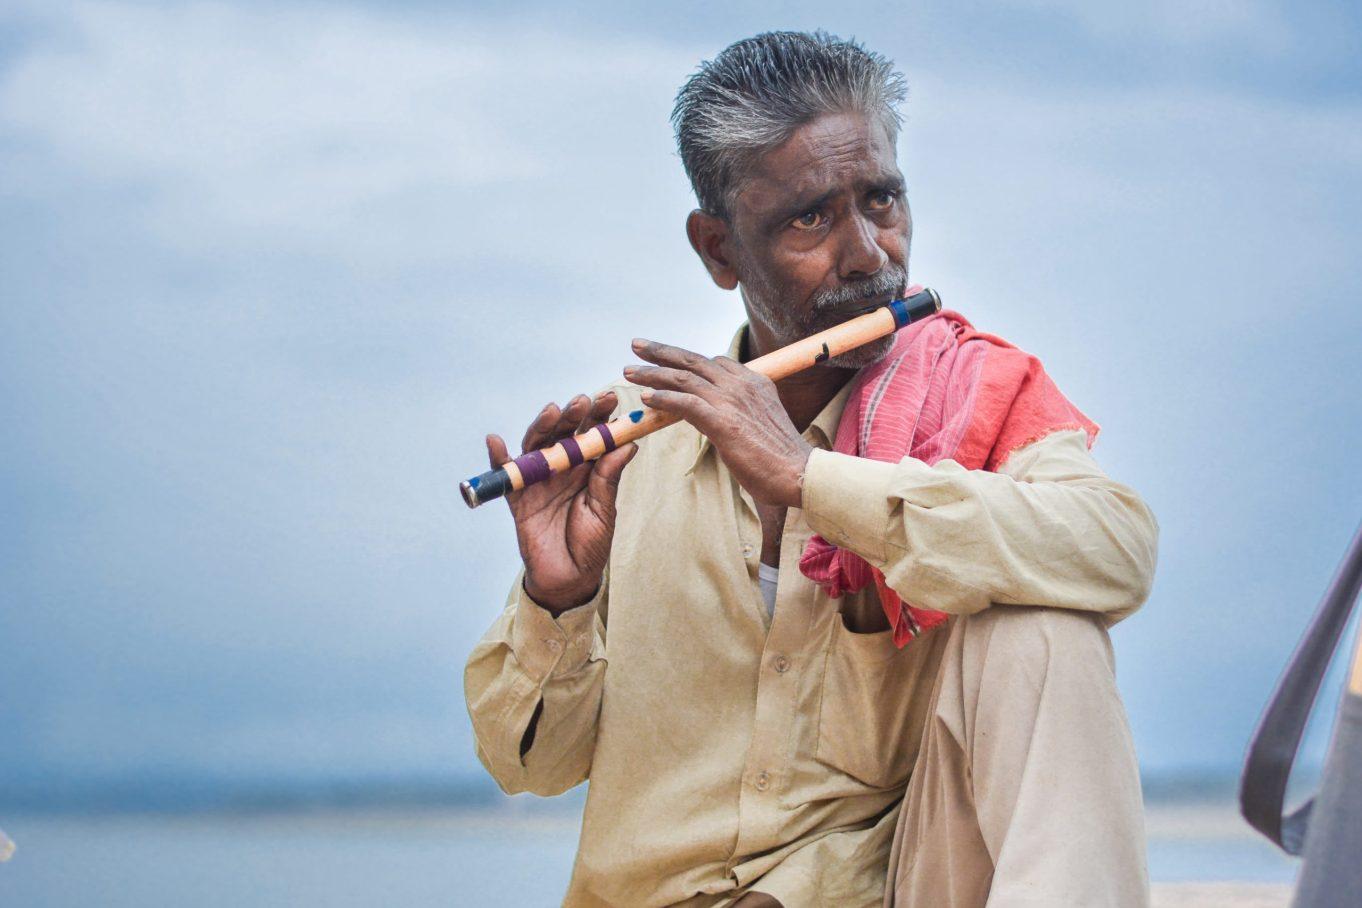 Mann mit Flöte